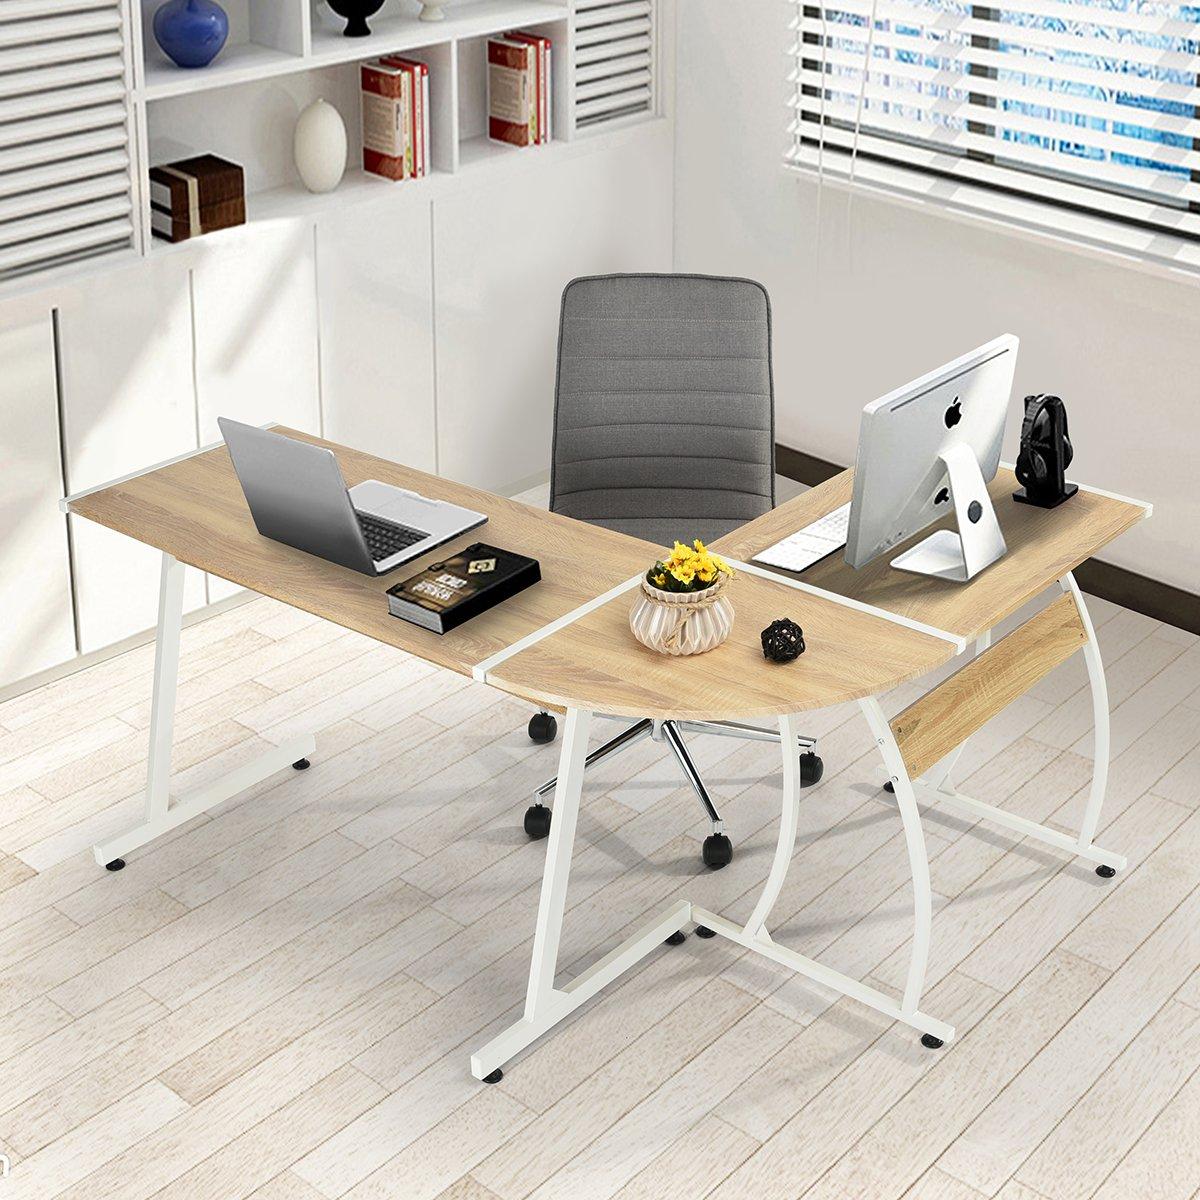 Computer Desk FurnitureR Modern L-Shaped Desk Corner Computer Desk PC Latop Study Table Workstation Wood Style Large Gaming Desk for Home Office Oak